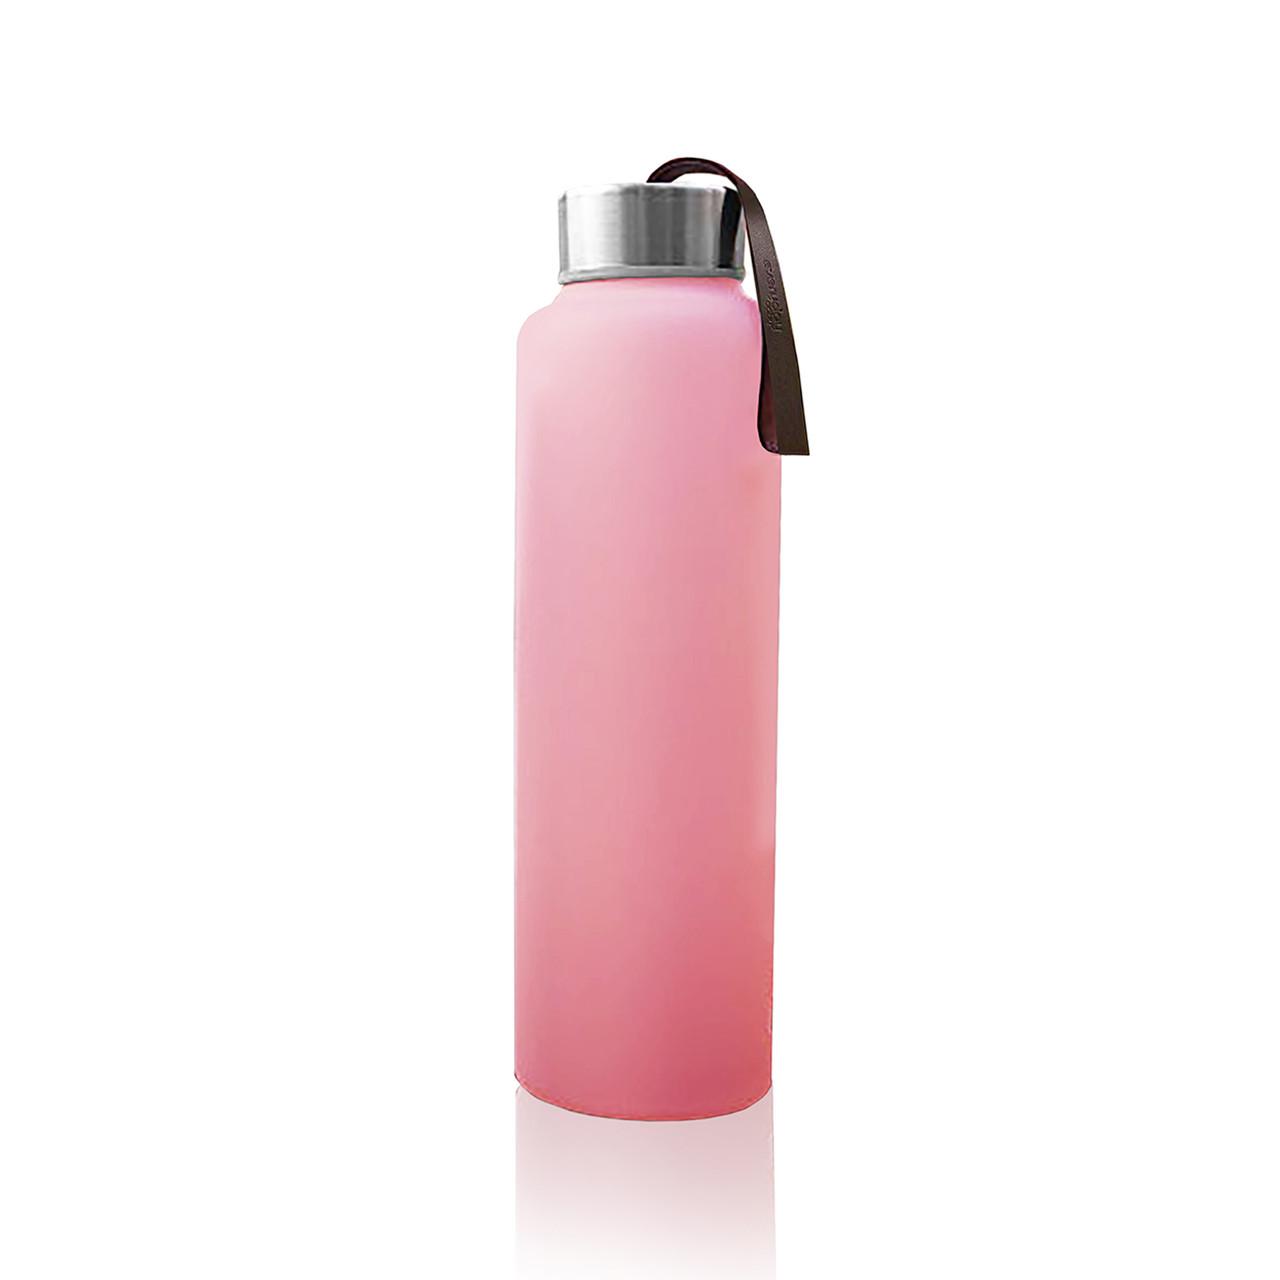 Скляна пляшка для води з силіконовою захистом Everyday Baby 400мл. Колір рожевий